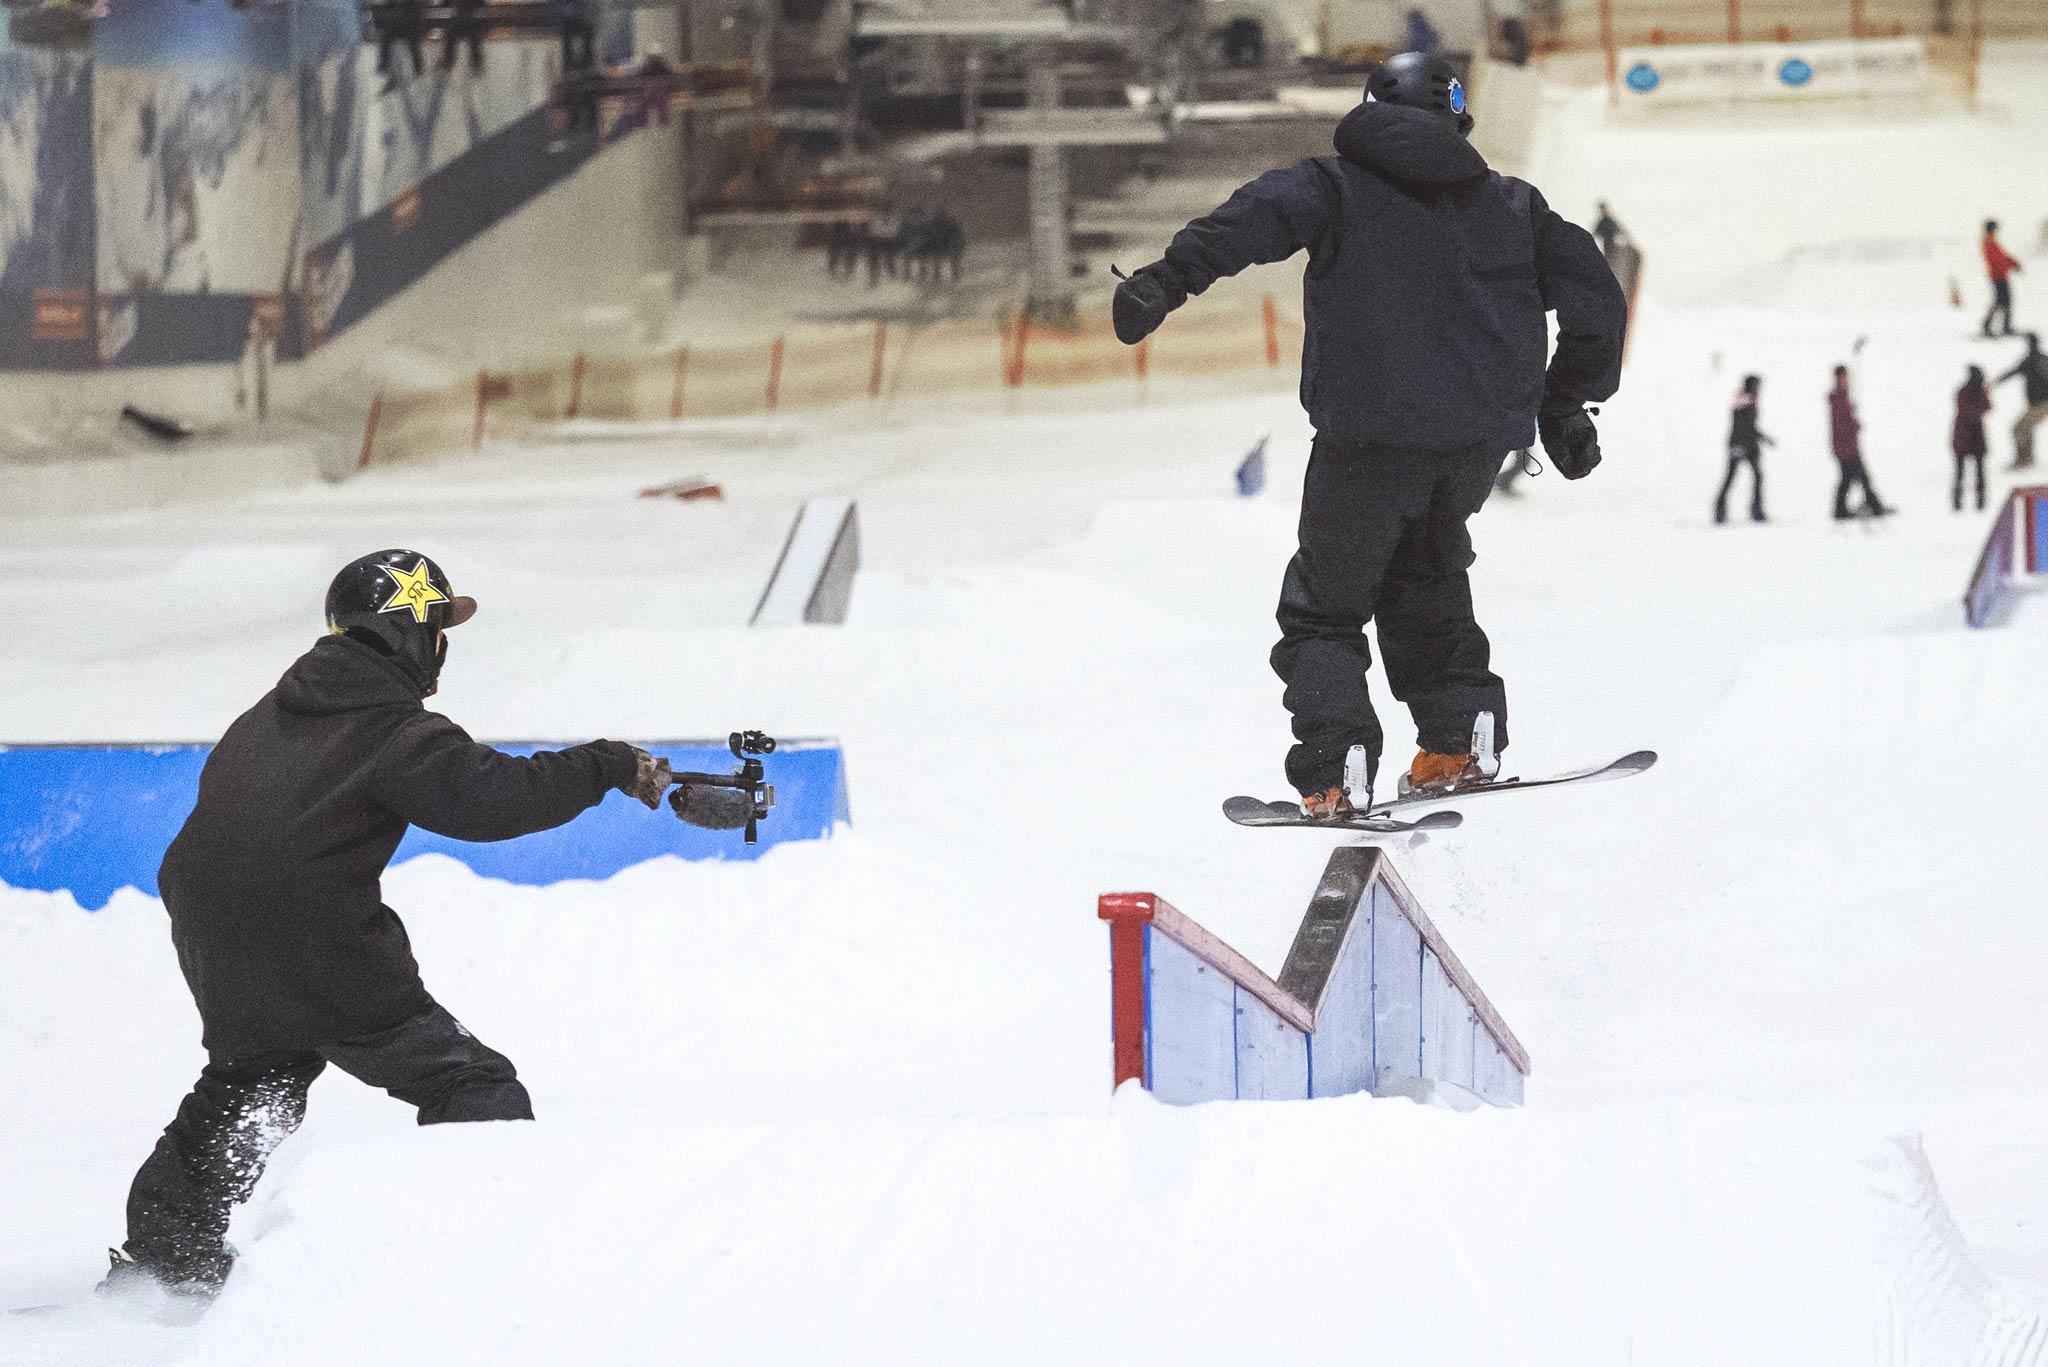 Die SLVSH Crew um Matt Walker war auch 2017 wieder im Snowpark Bispingen am Start. Das erste Game dieser Saison ist bereits online, der Rest wird im Laufe dieses Winters veröffentlicht.